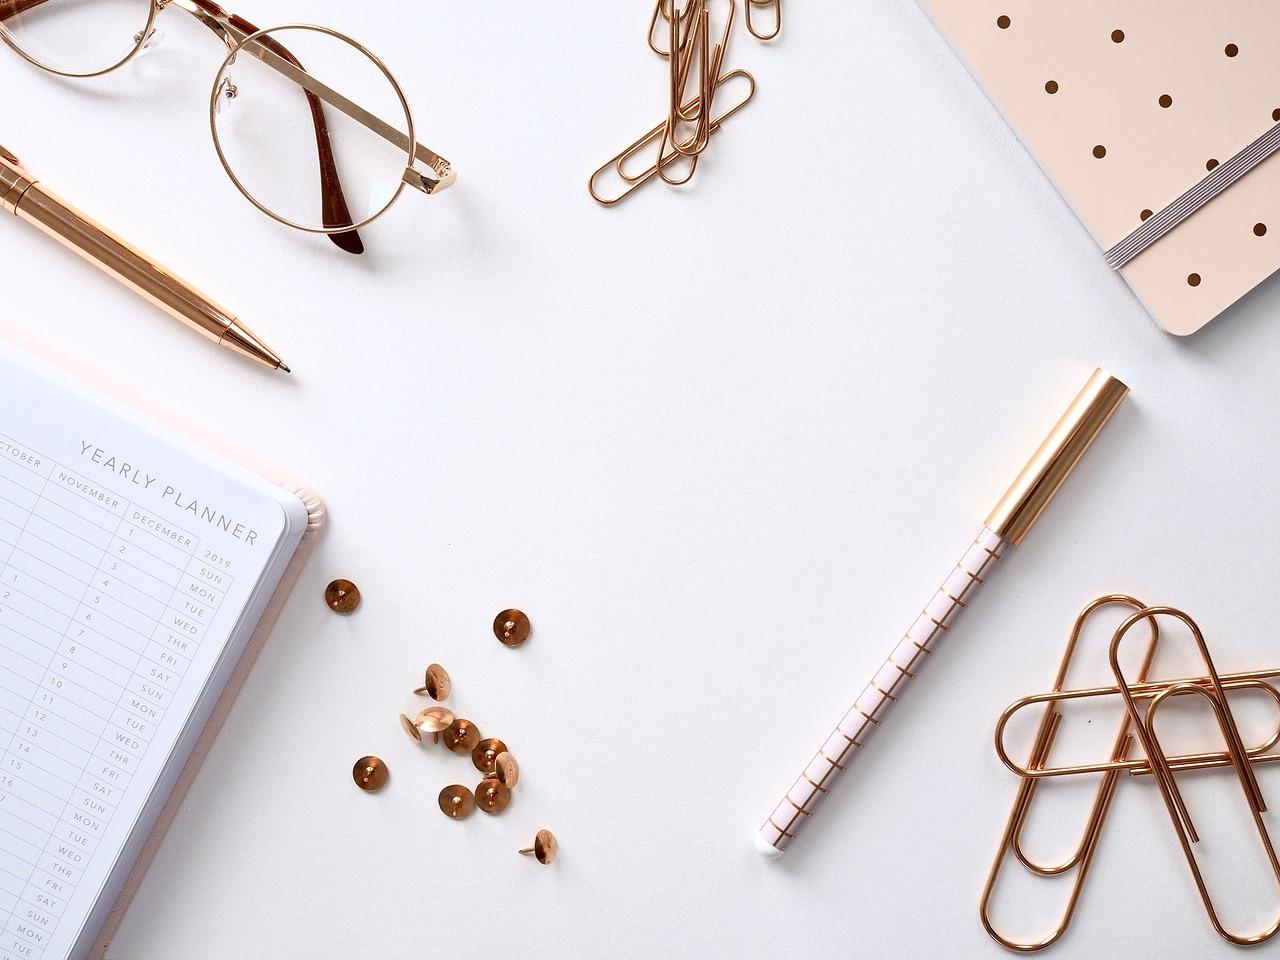 scrivania con puntine, graffette, agenda, occhiali